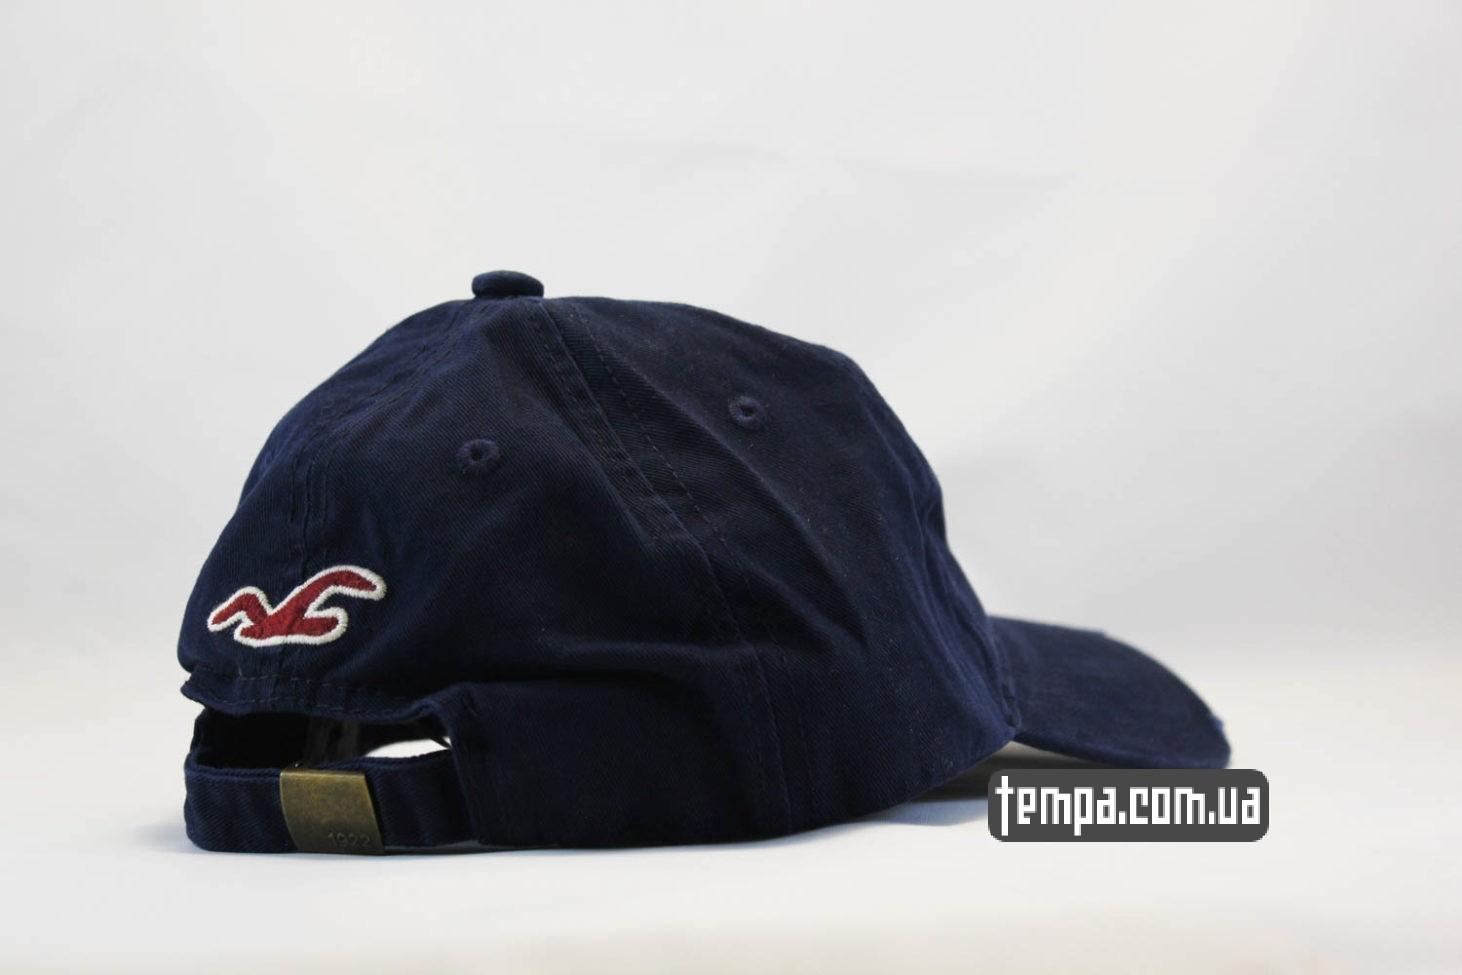 где купить оригинальную одежду кепка бейсболка holliter co ocean rescue синяя с птицей